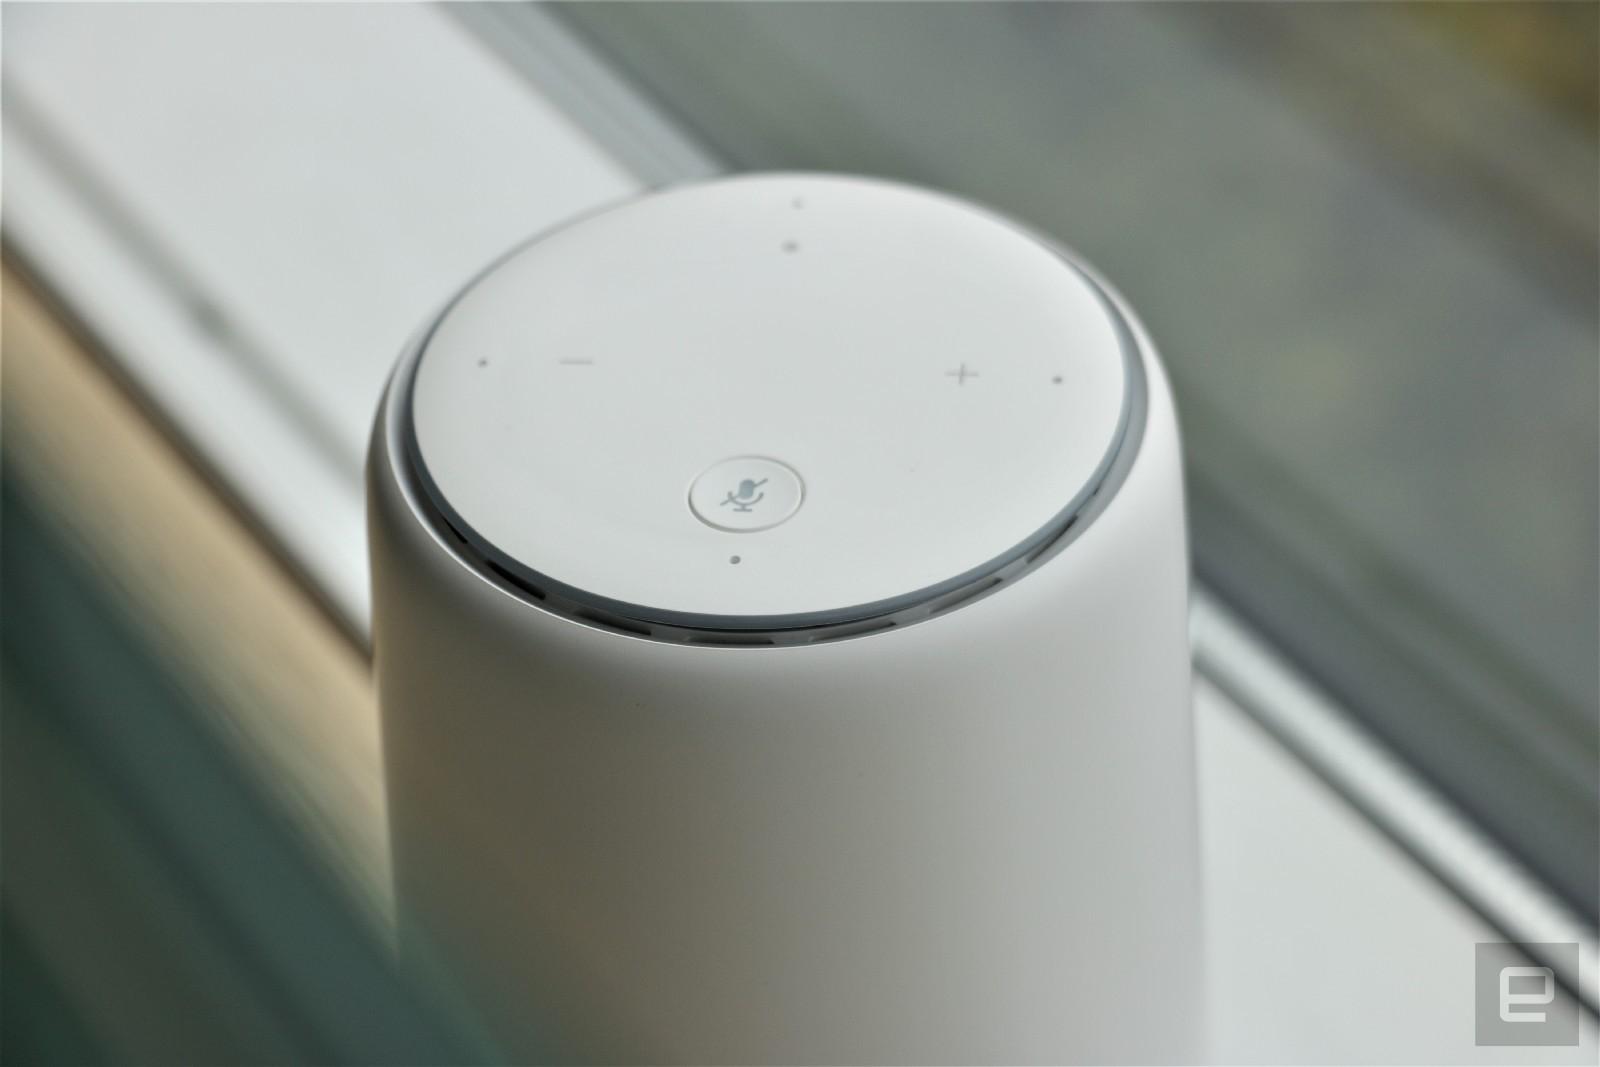 مکعب هوشمند Huawei